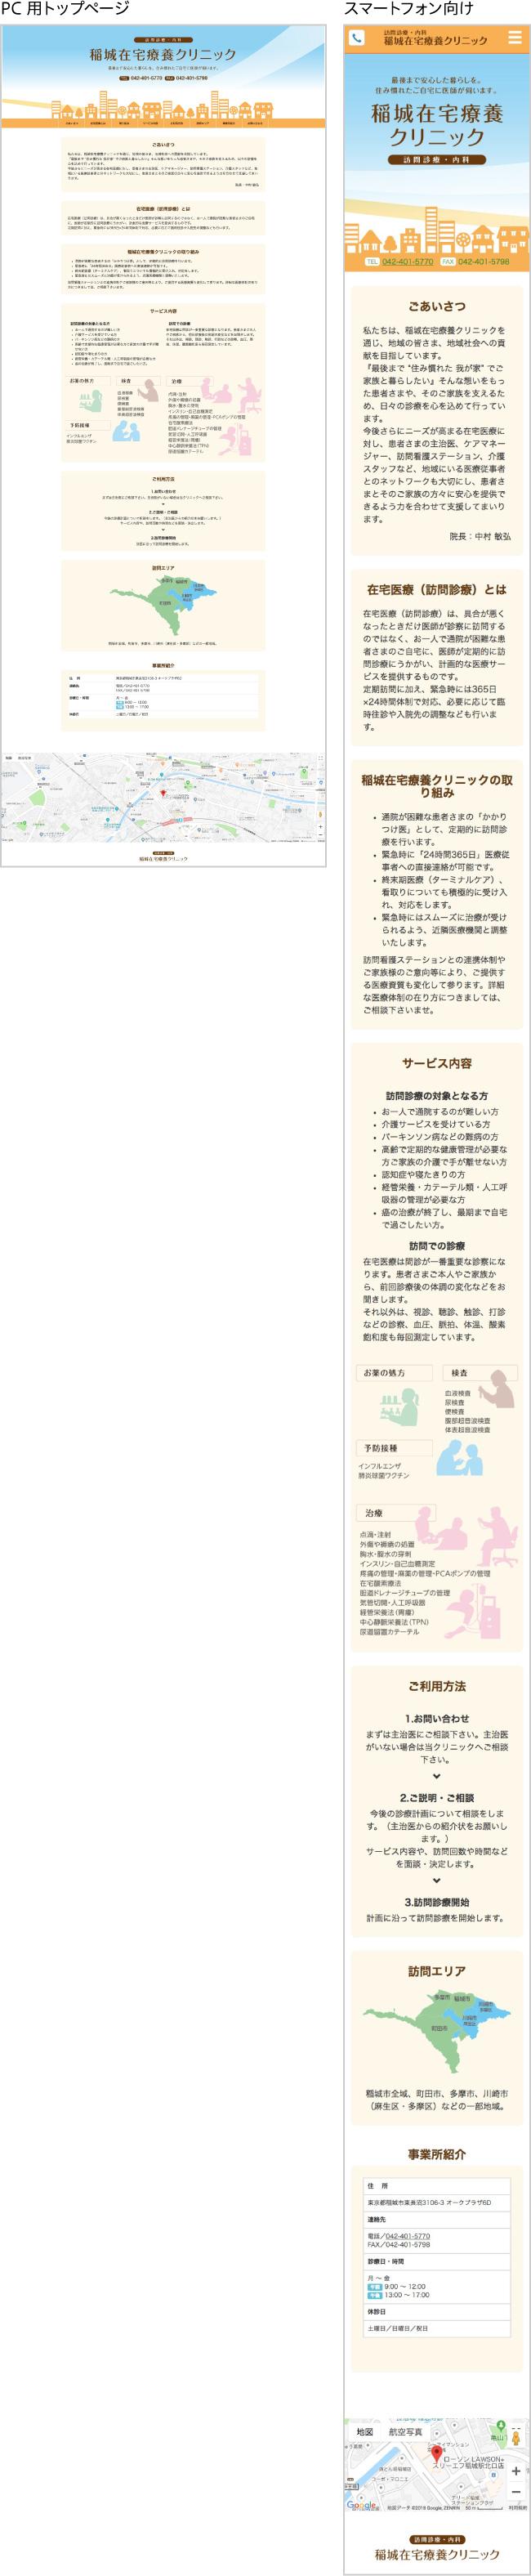 稲城在宅療養クリニック様ホームページ